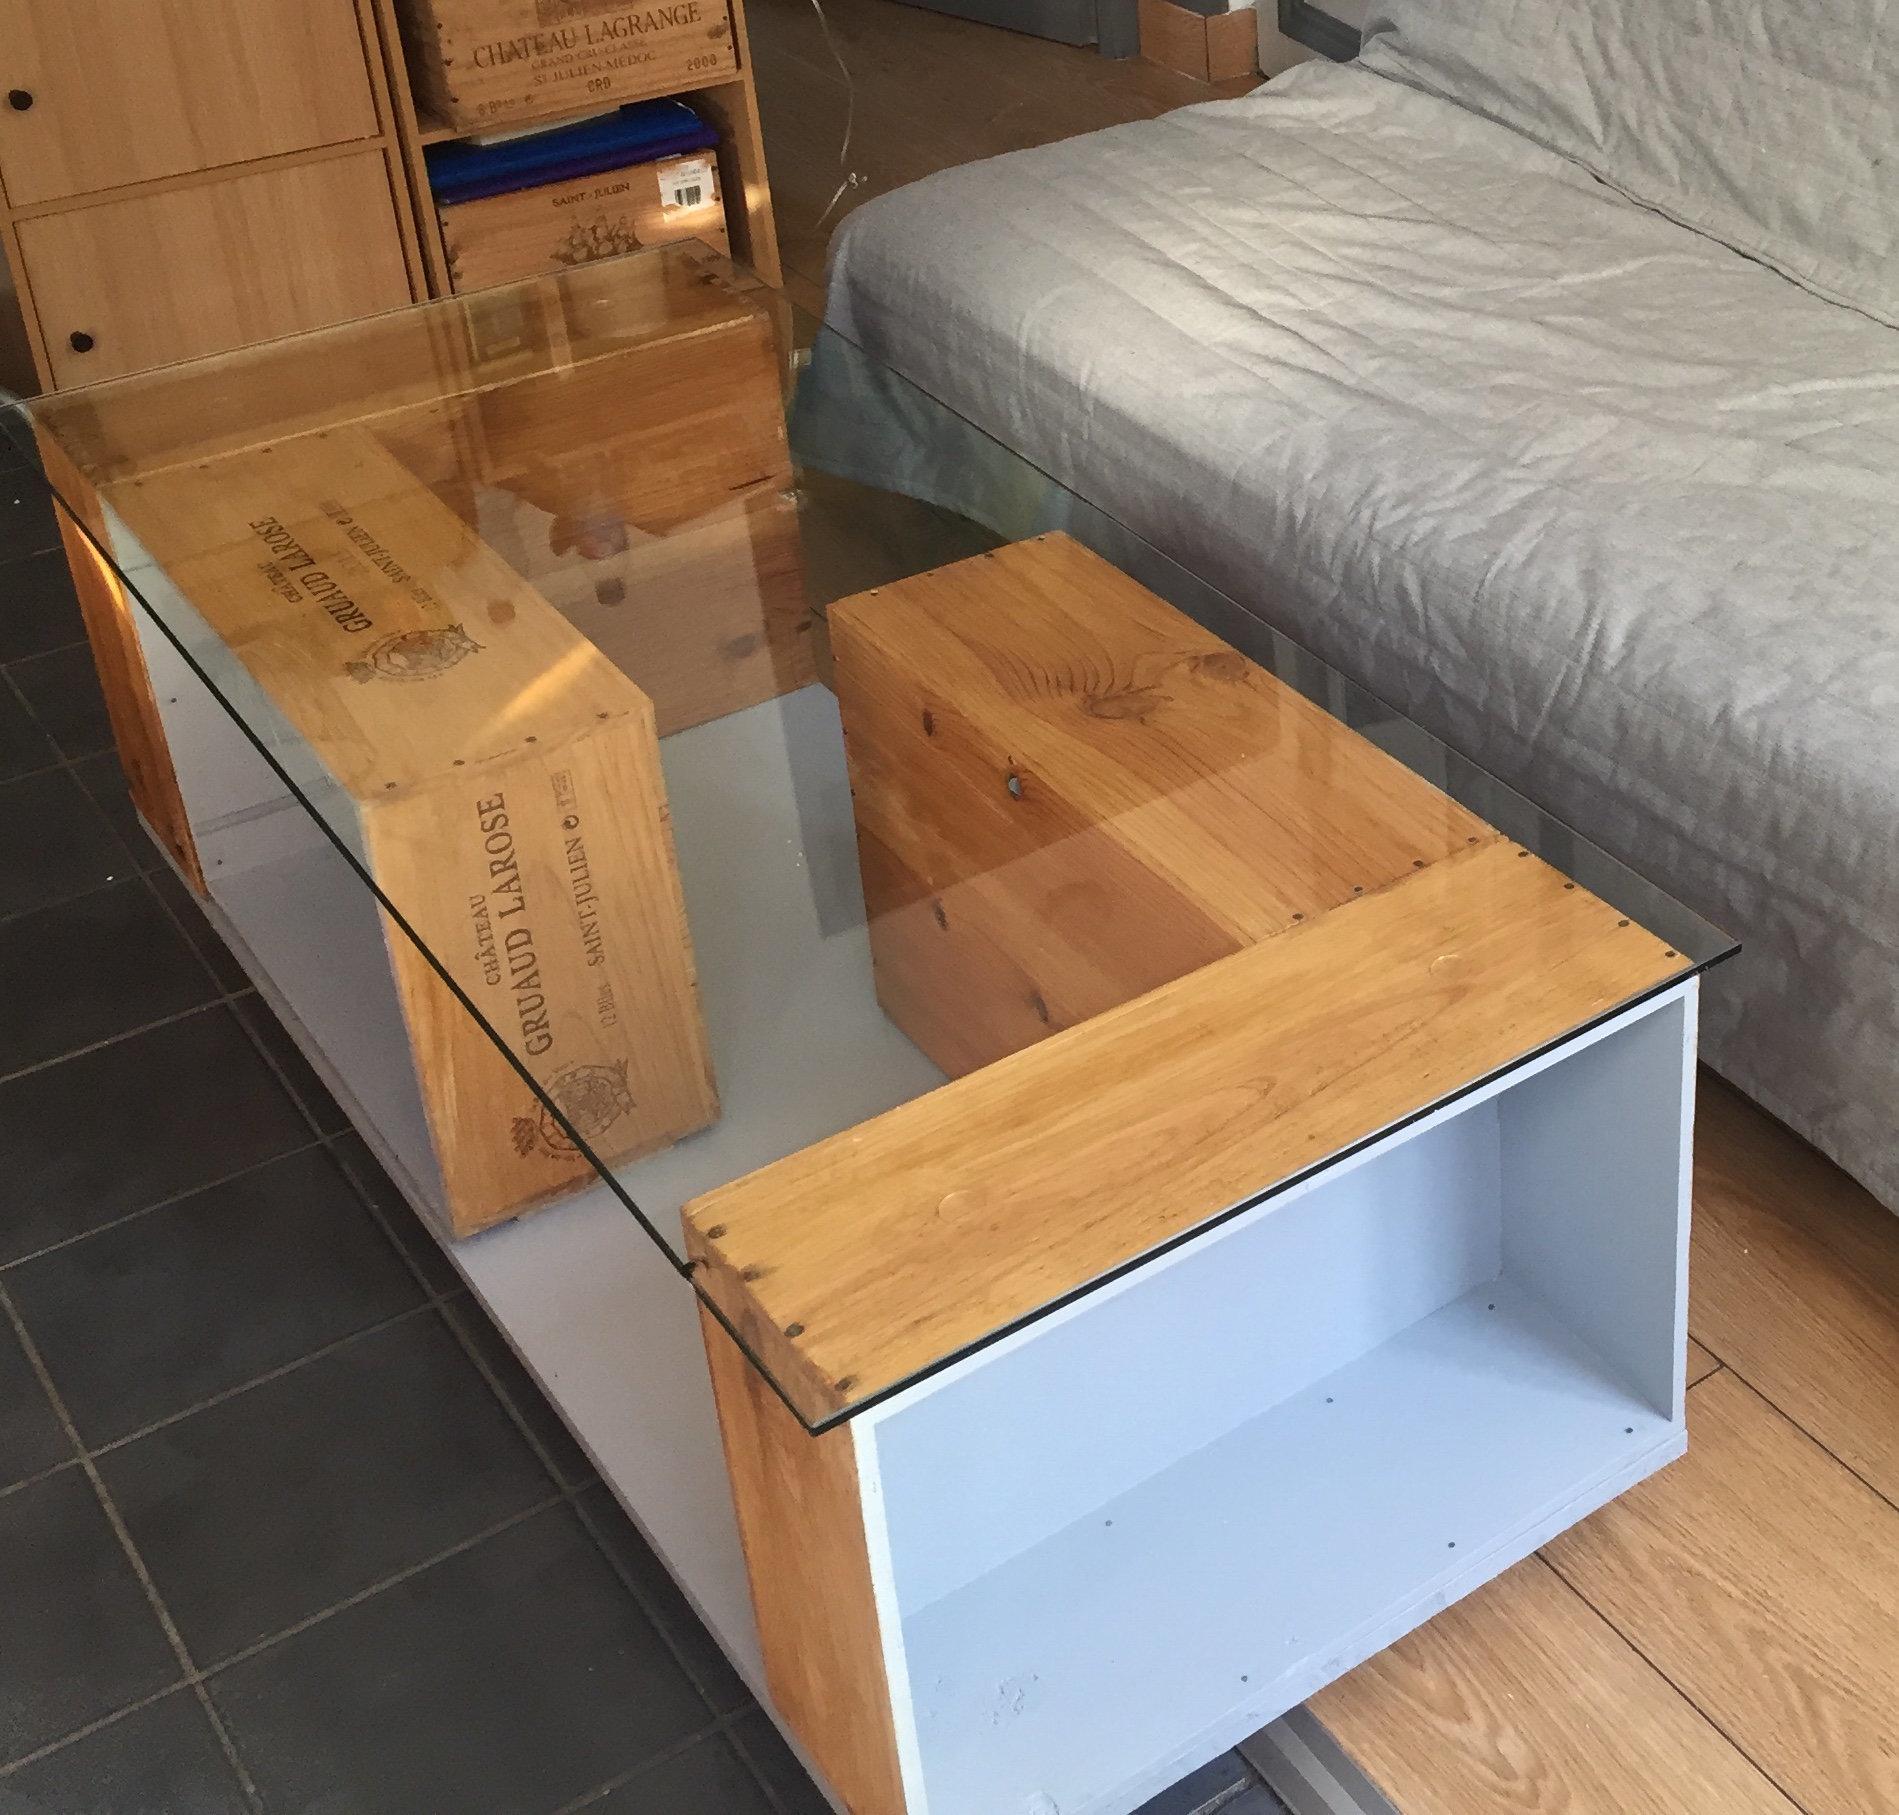 Tuto Table Basse Bois table basse à partir de caisses à vin | oui are makers